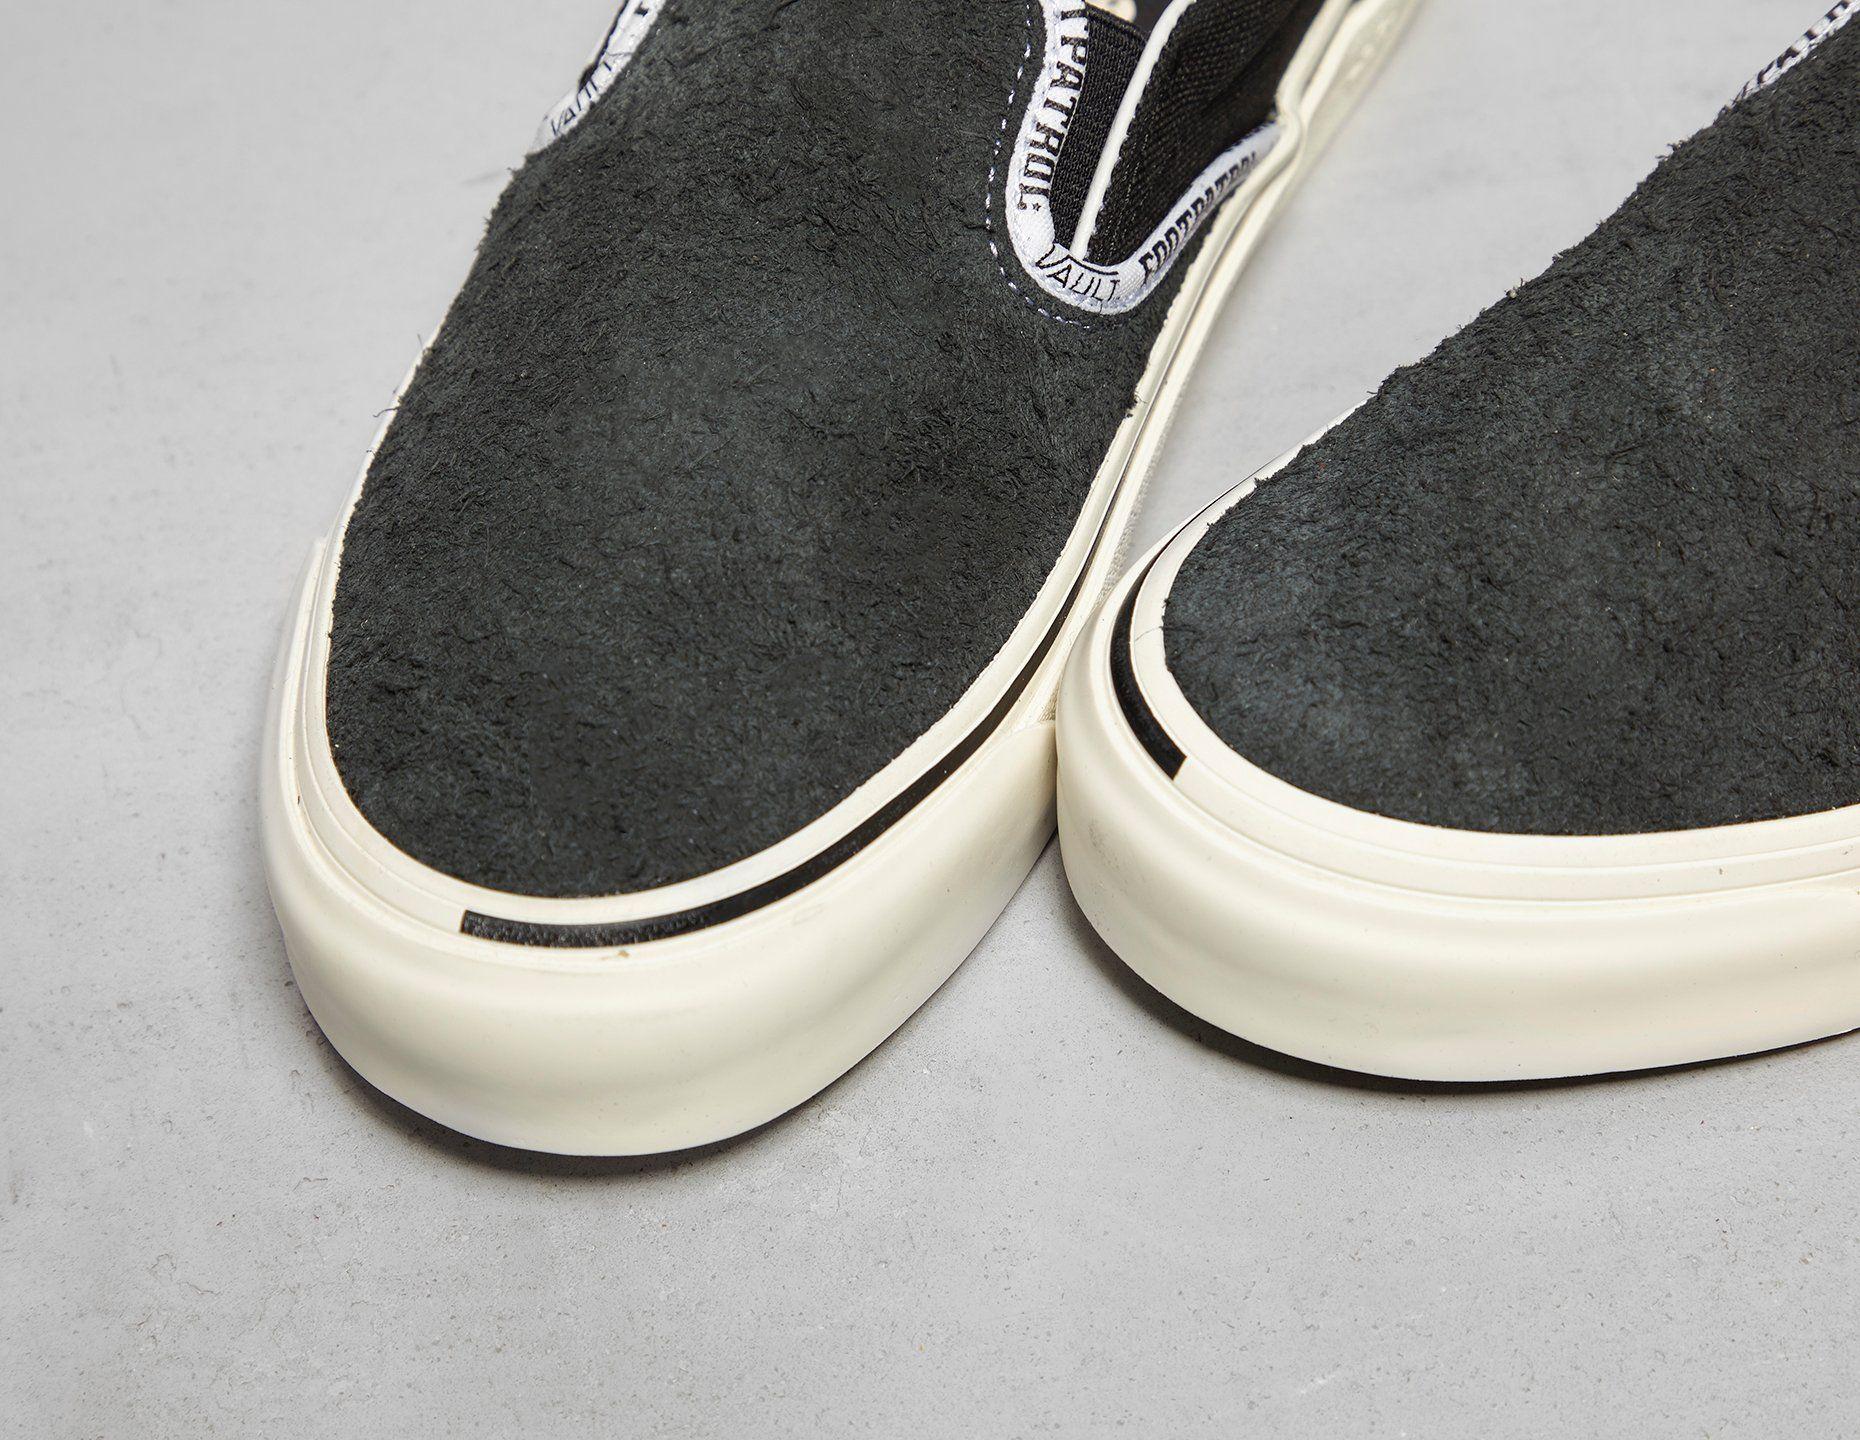 Vault by Vans x Footpatrol Slip-On LX Women's